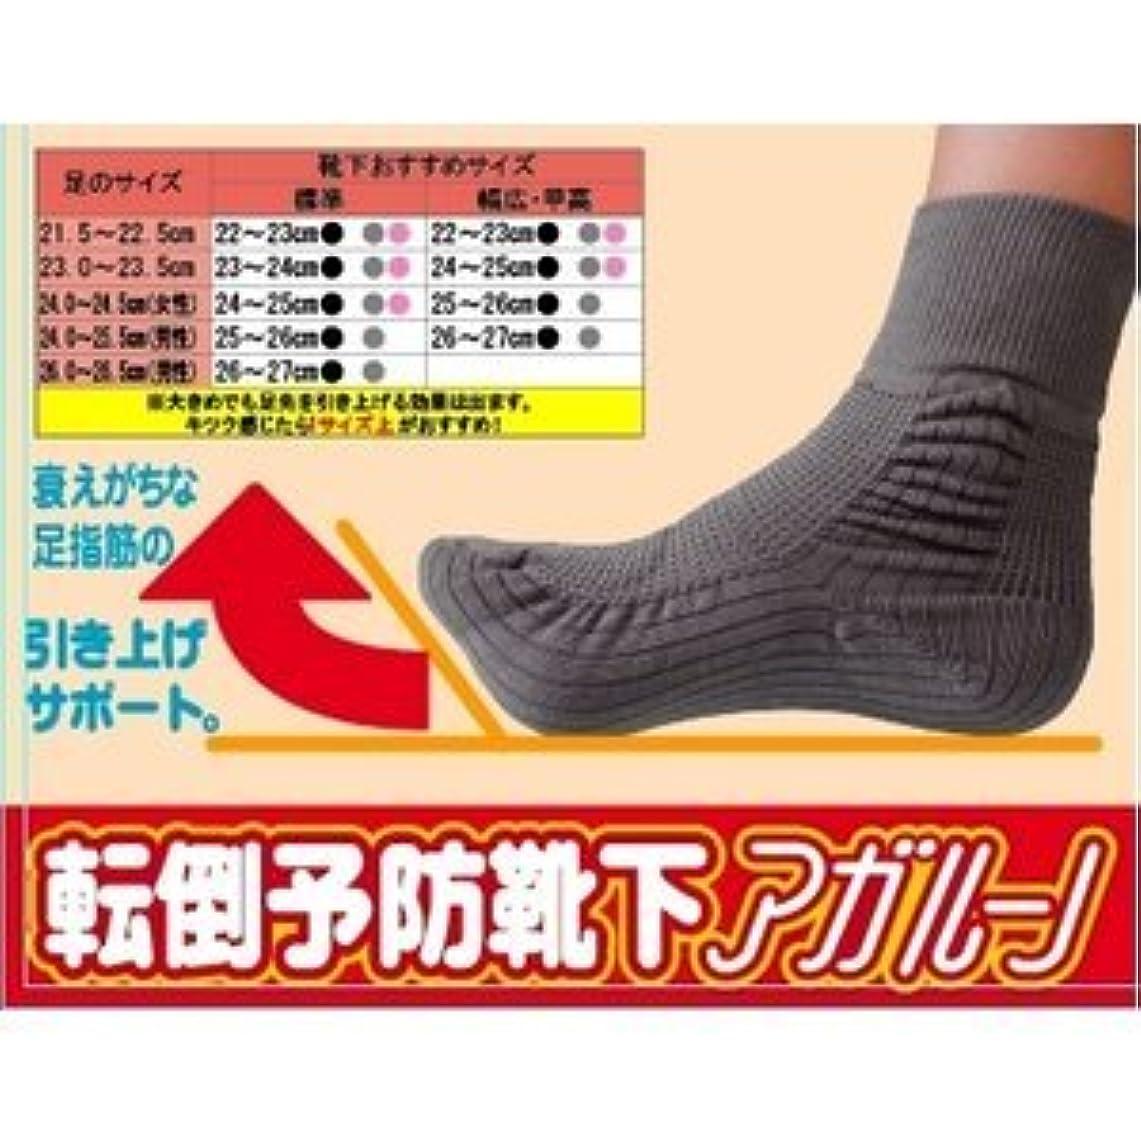 方向あたり走る転倒防止 靴下/ソックス 3足組 【ブラック×3 25cm~26cm】 日本製 洗える 広島大学大学院共同開発 『アガルーノ』